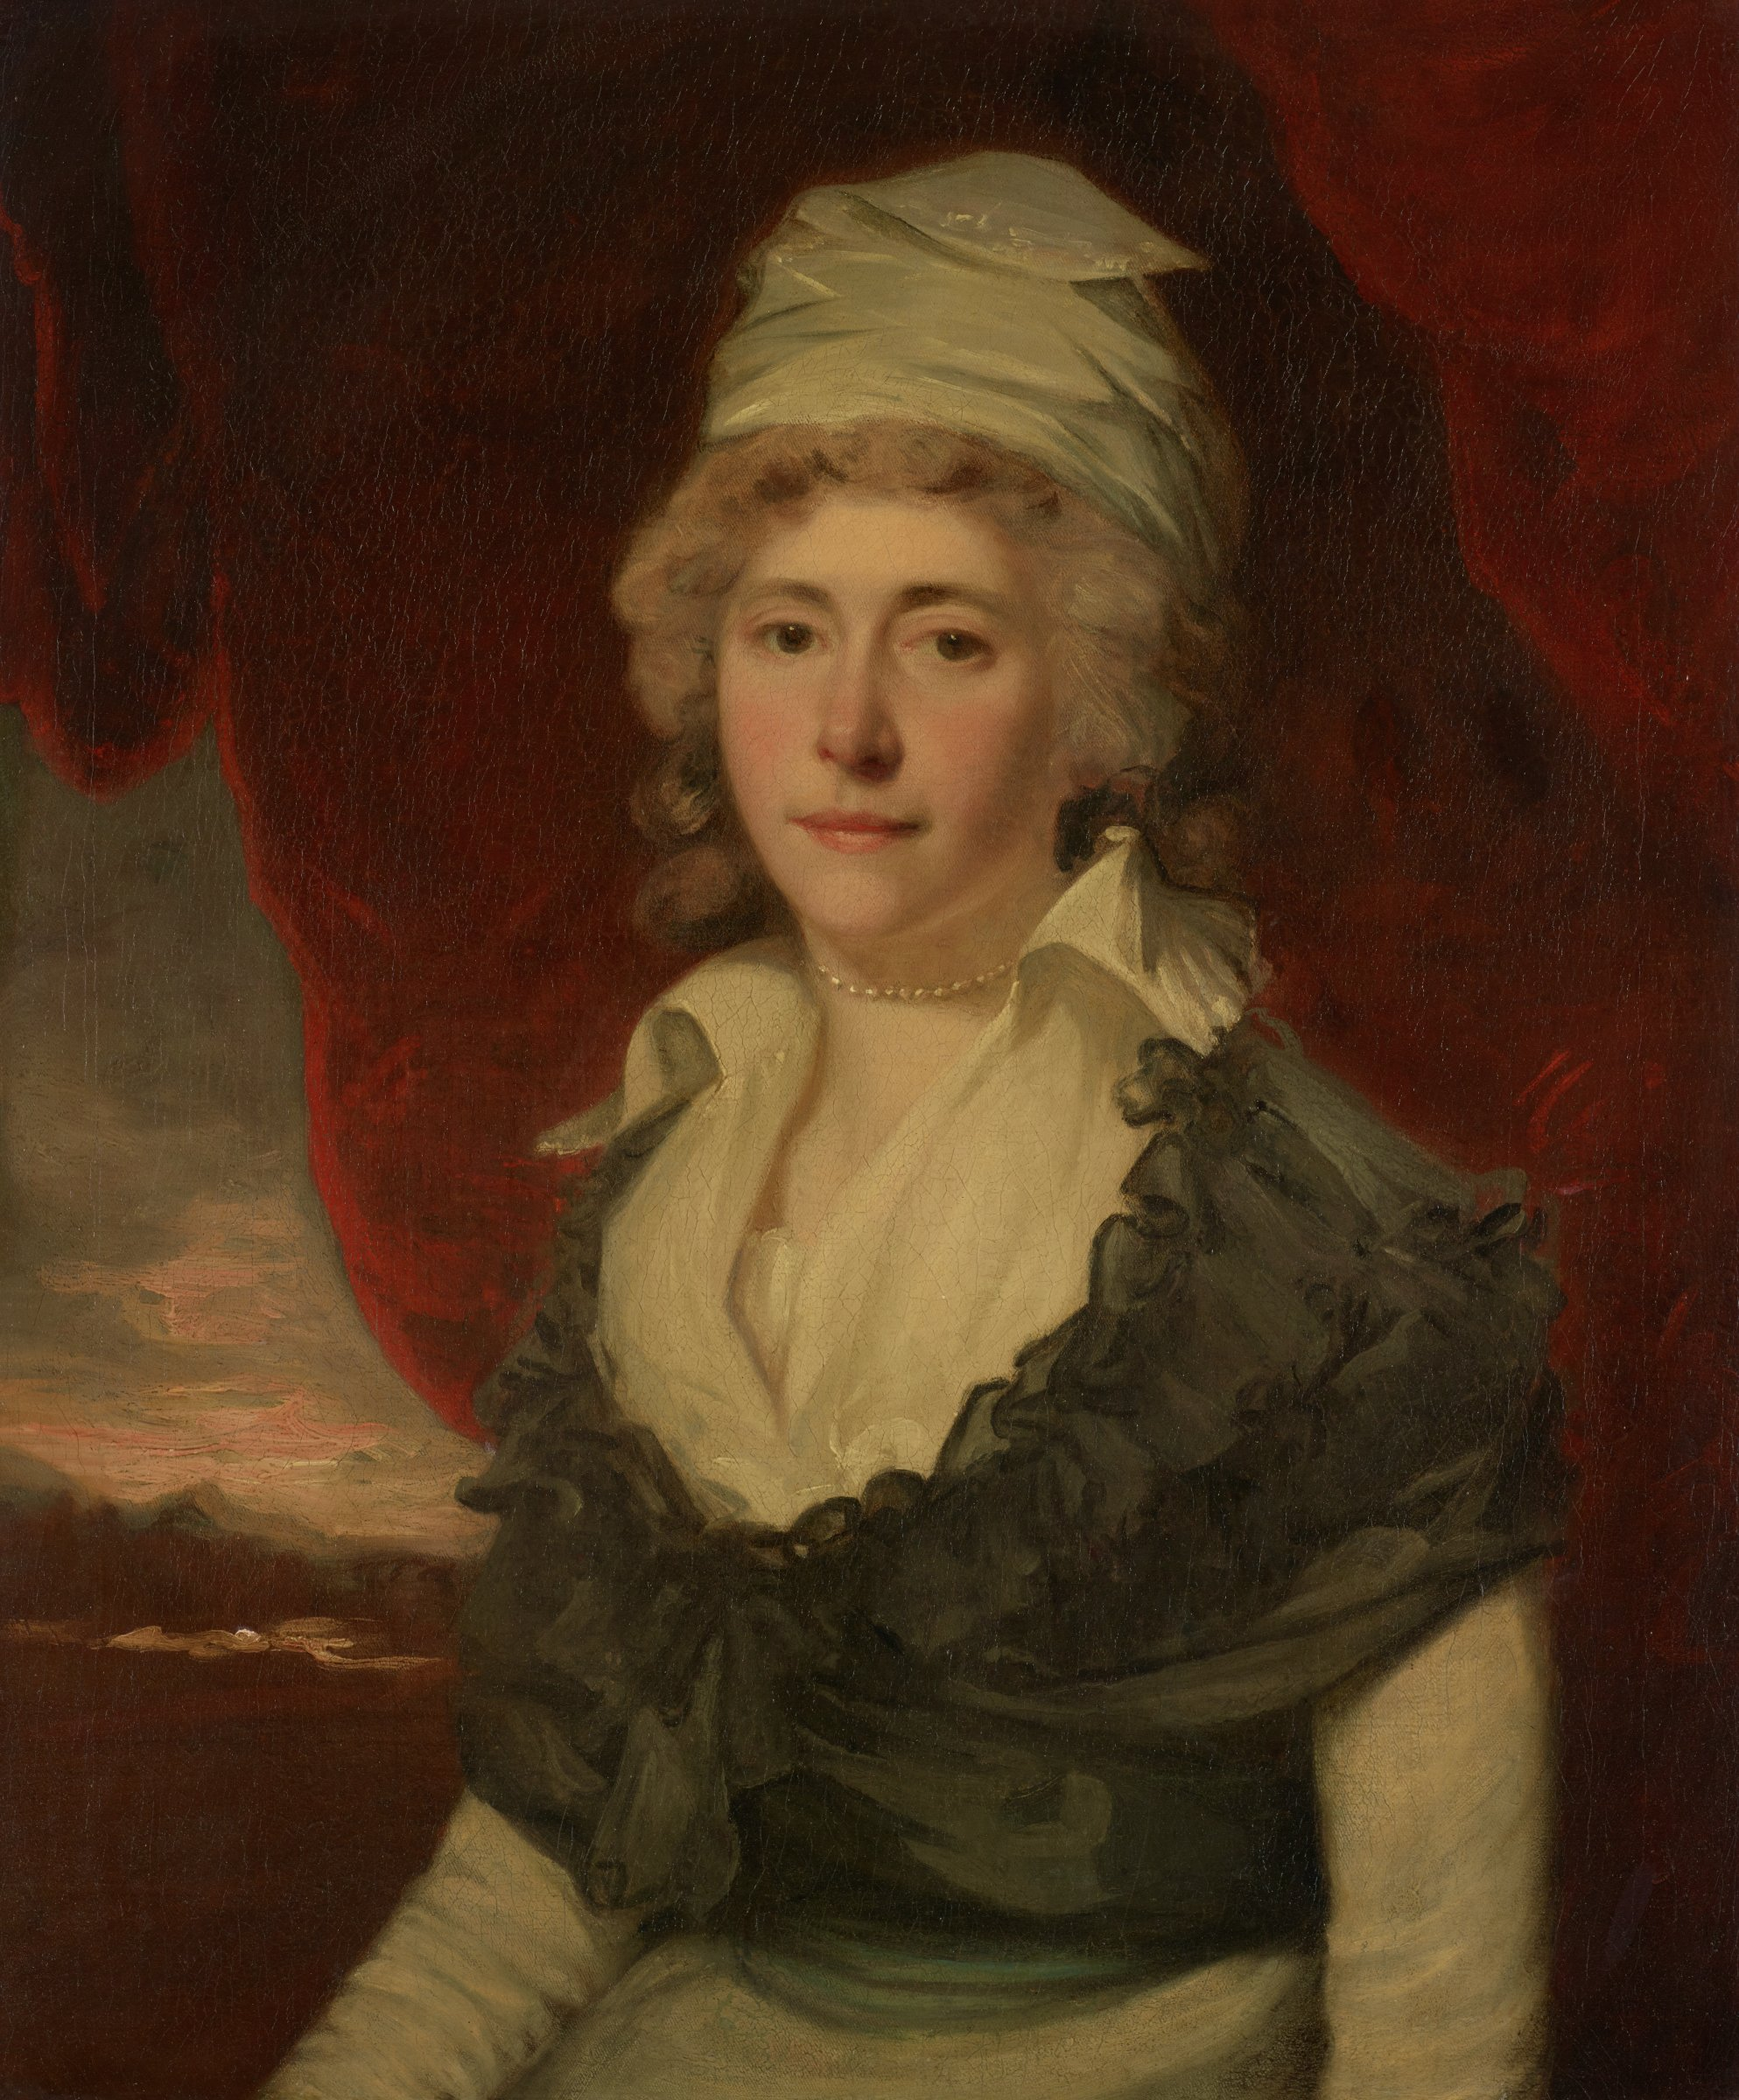 Mrs. Moncrieff, John Hoppner, oil on canvas